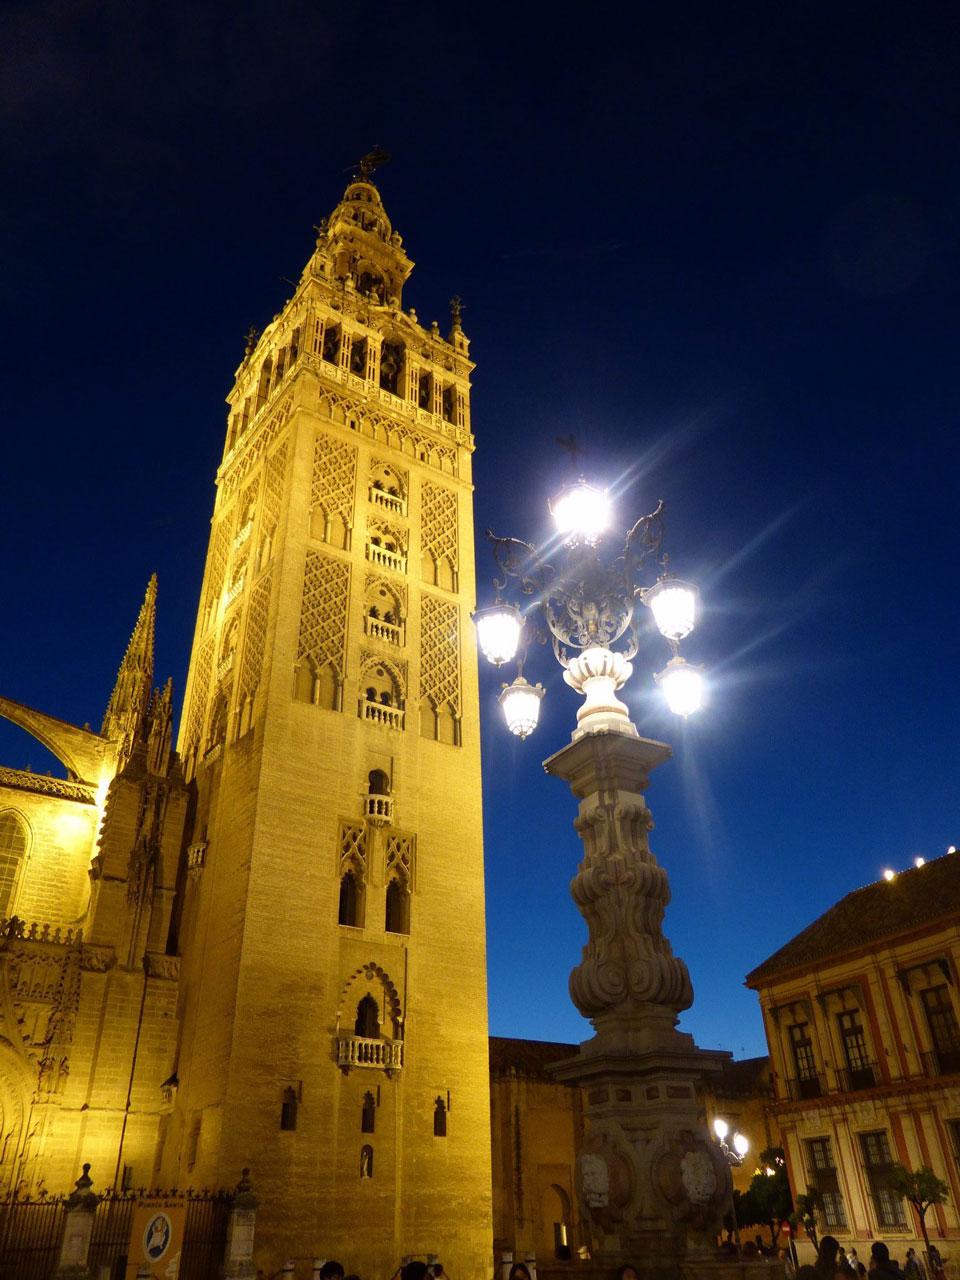 La Giralda di Siviglia illuminata di notte